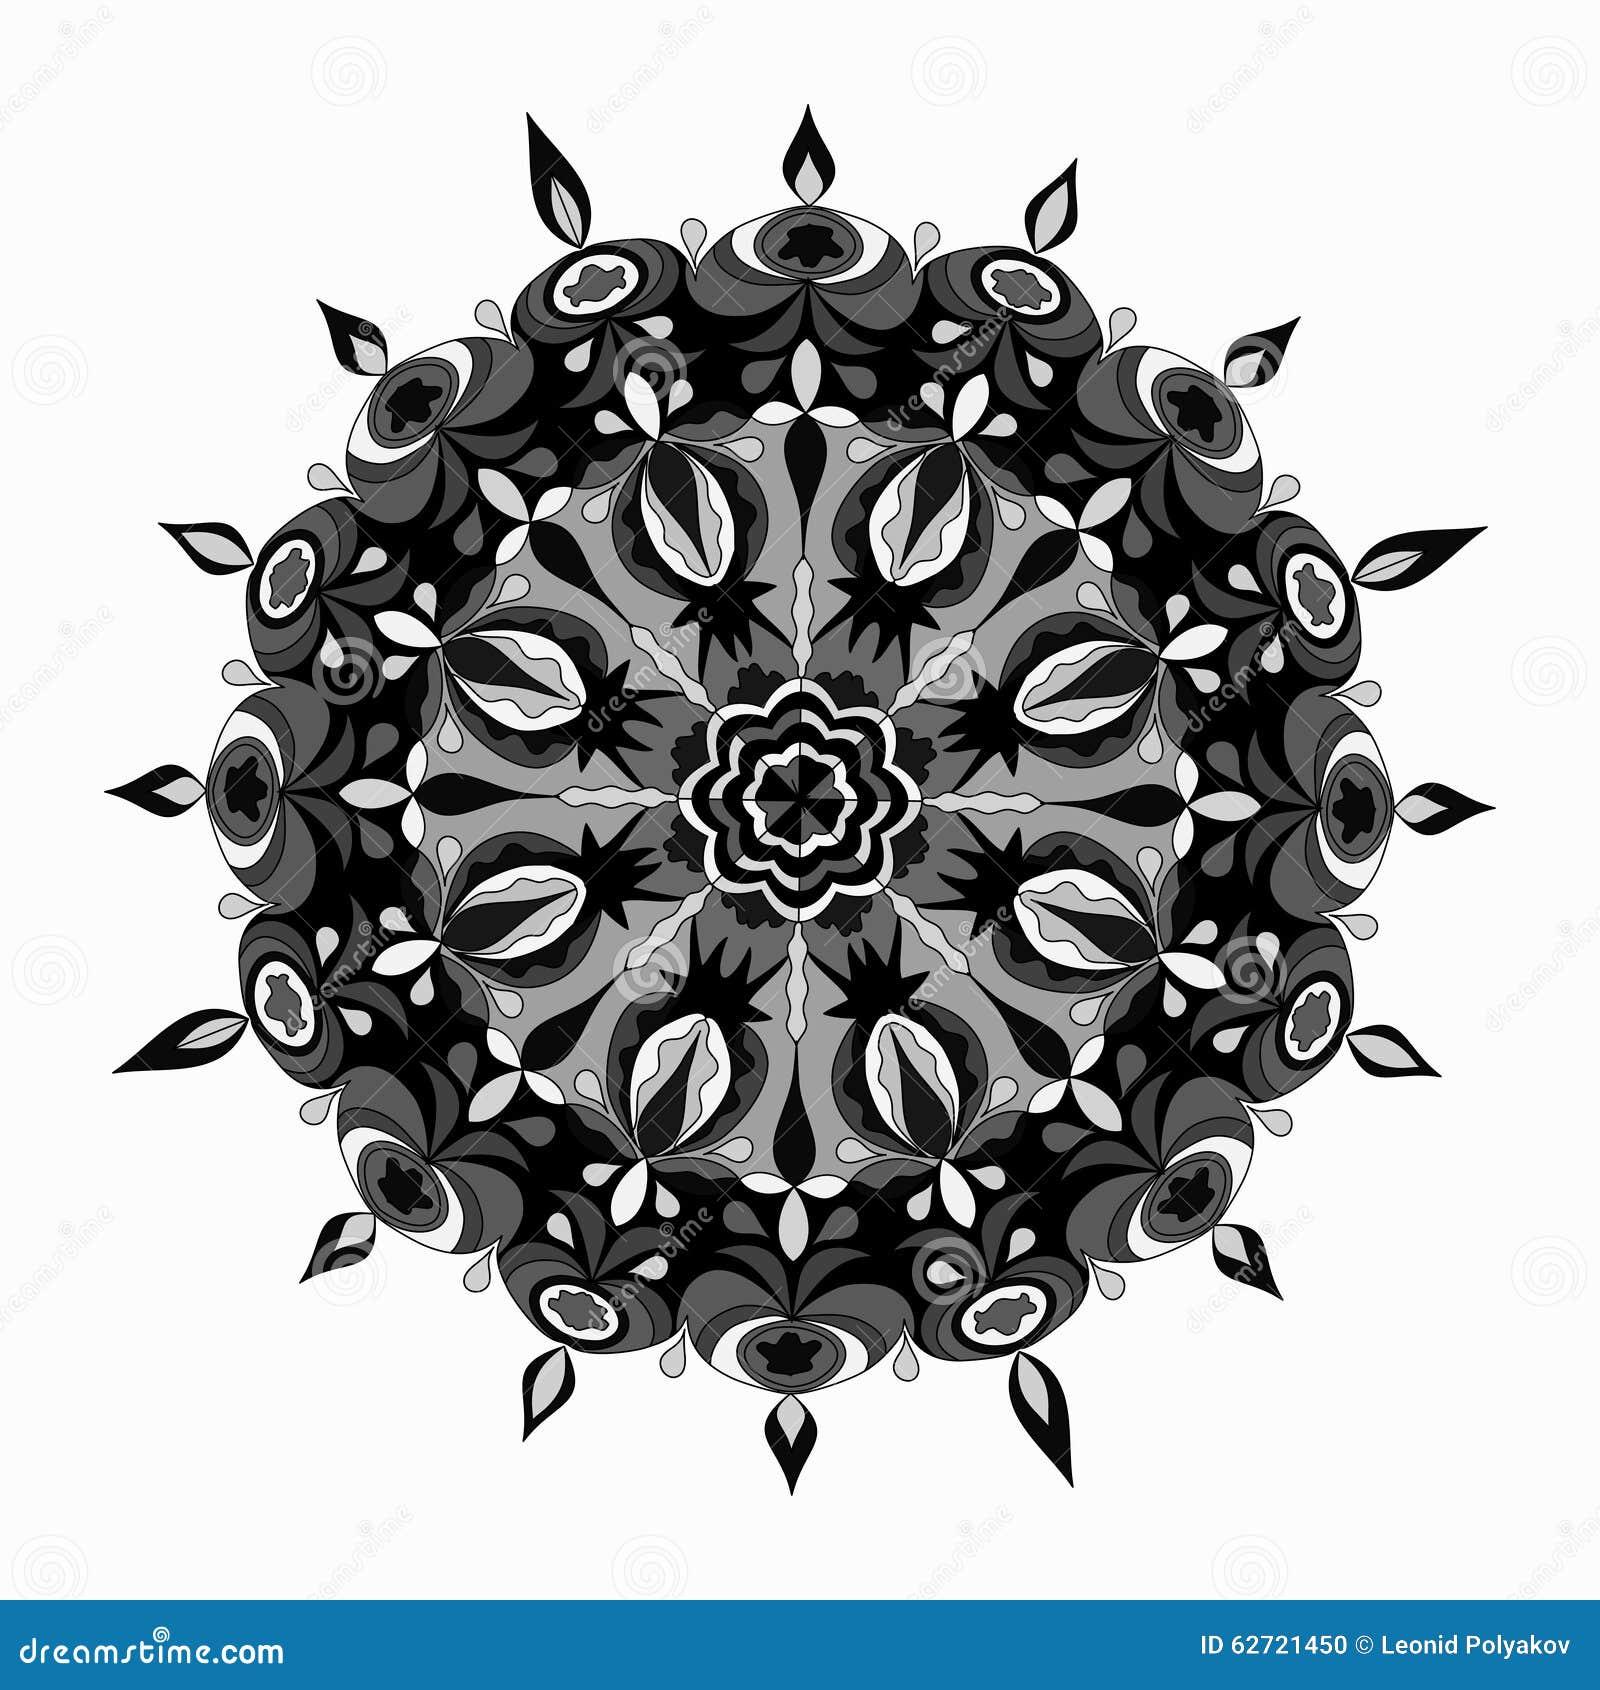 Αραβικά ινδικά υπόβαθρα Ισλάμ στοιχείων διακοσμήσεων Mandala διακοσμητικά